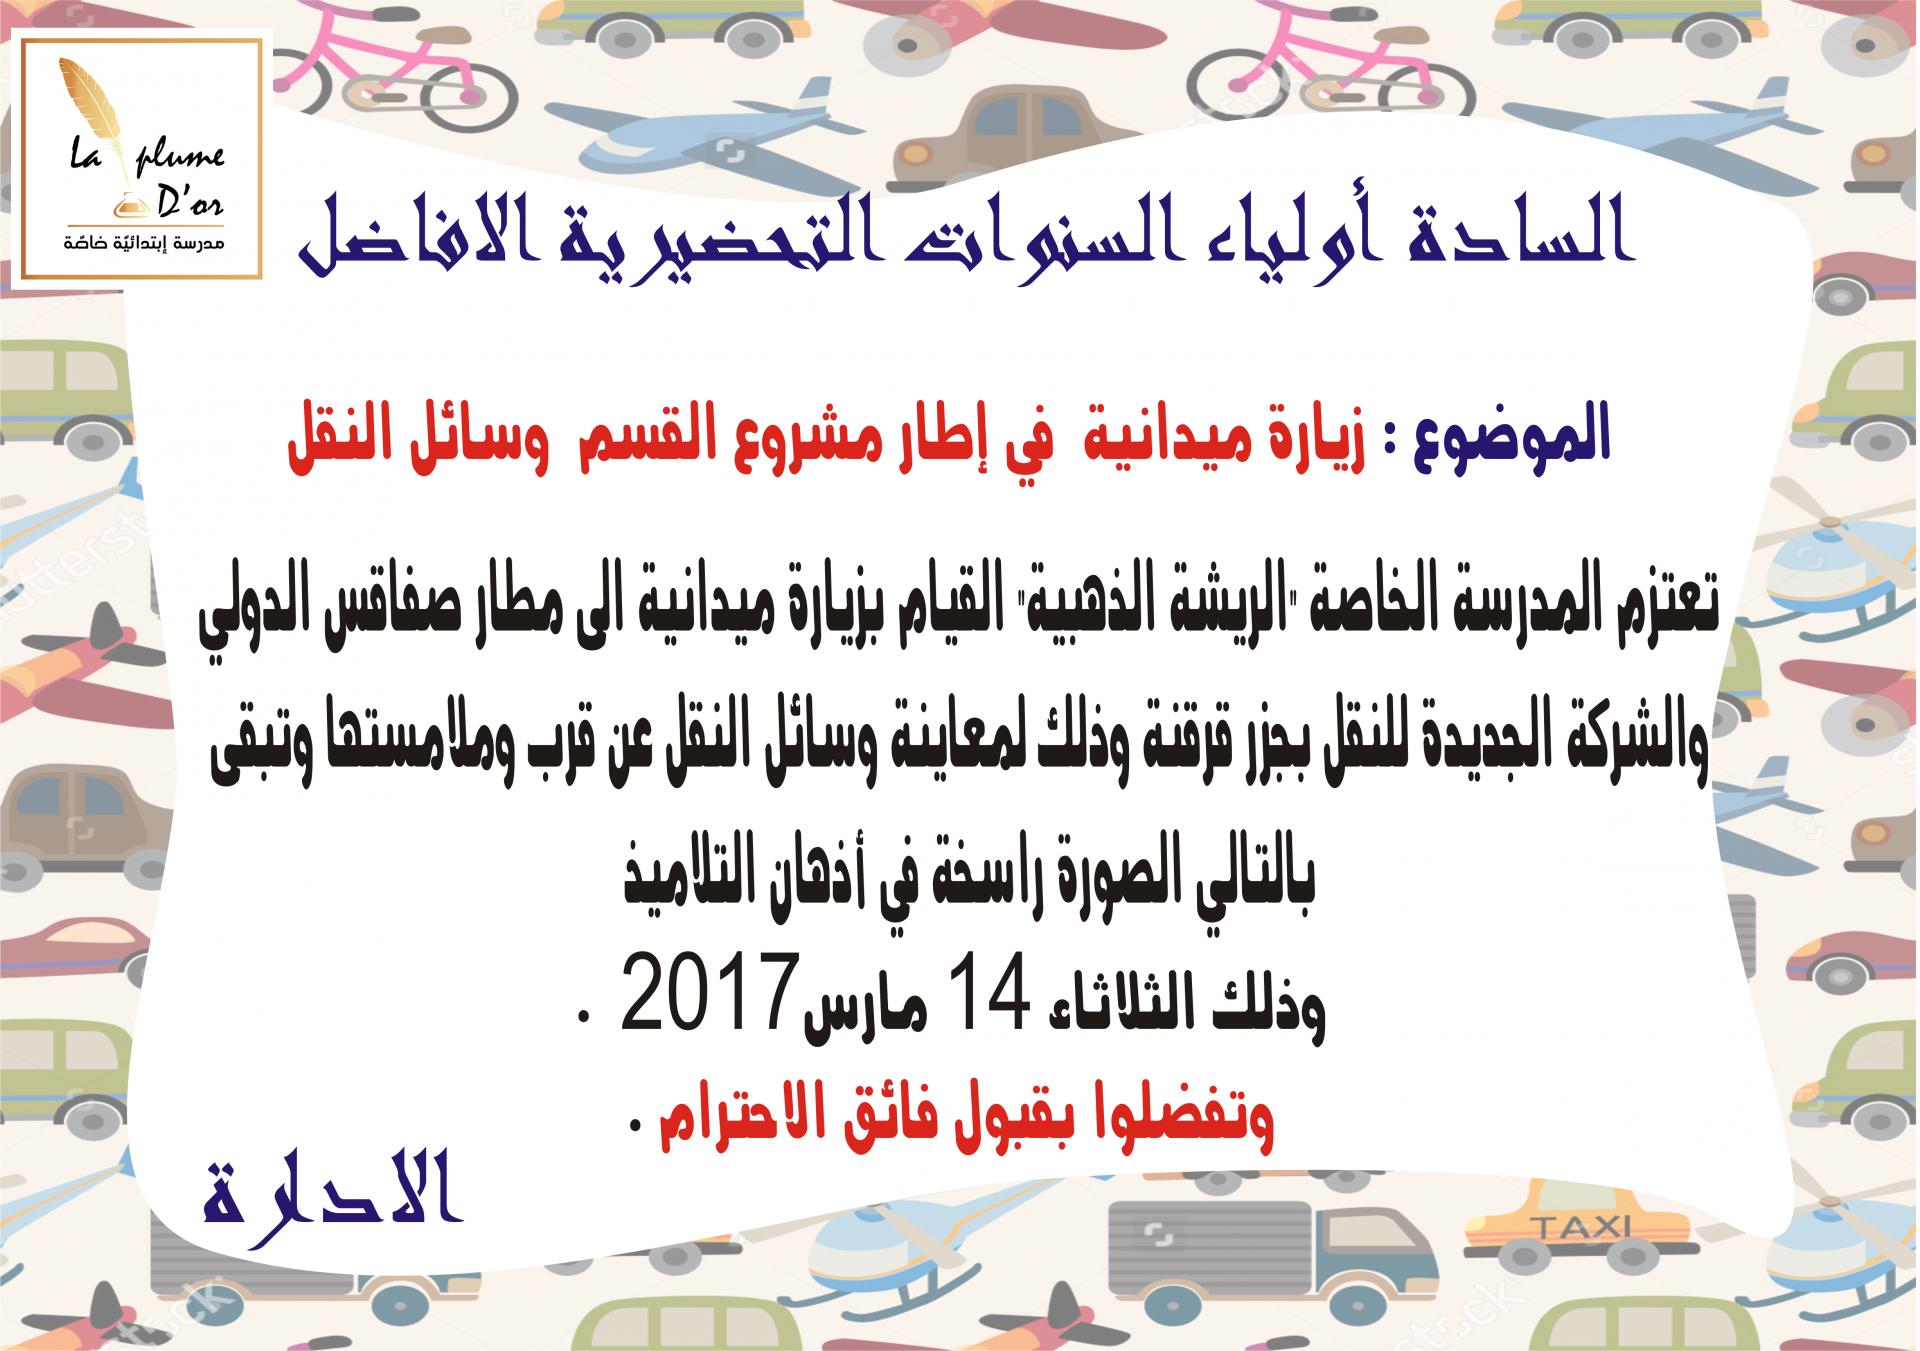 اعلام للأولياء:  زيارة ميدانية  في إطار مشروع القسم  وسائل النقل